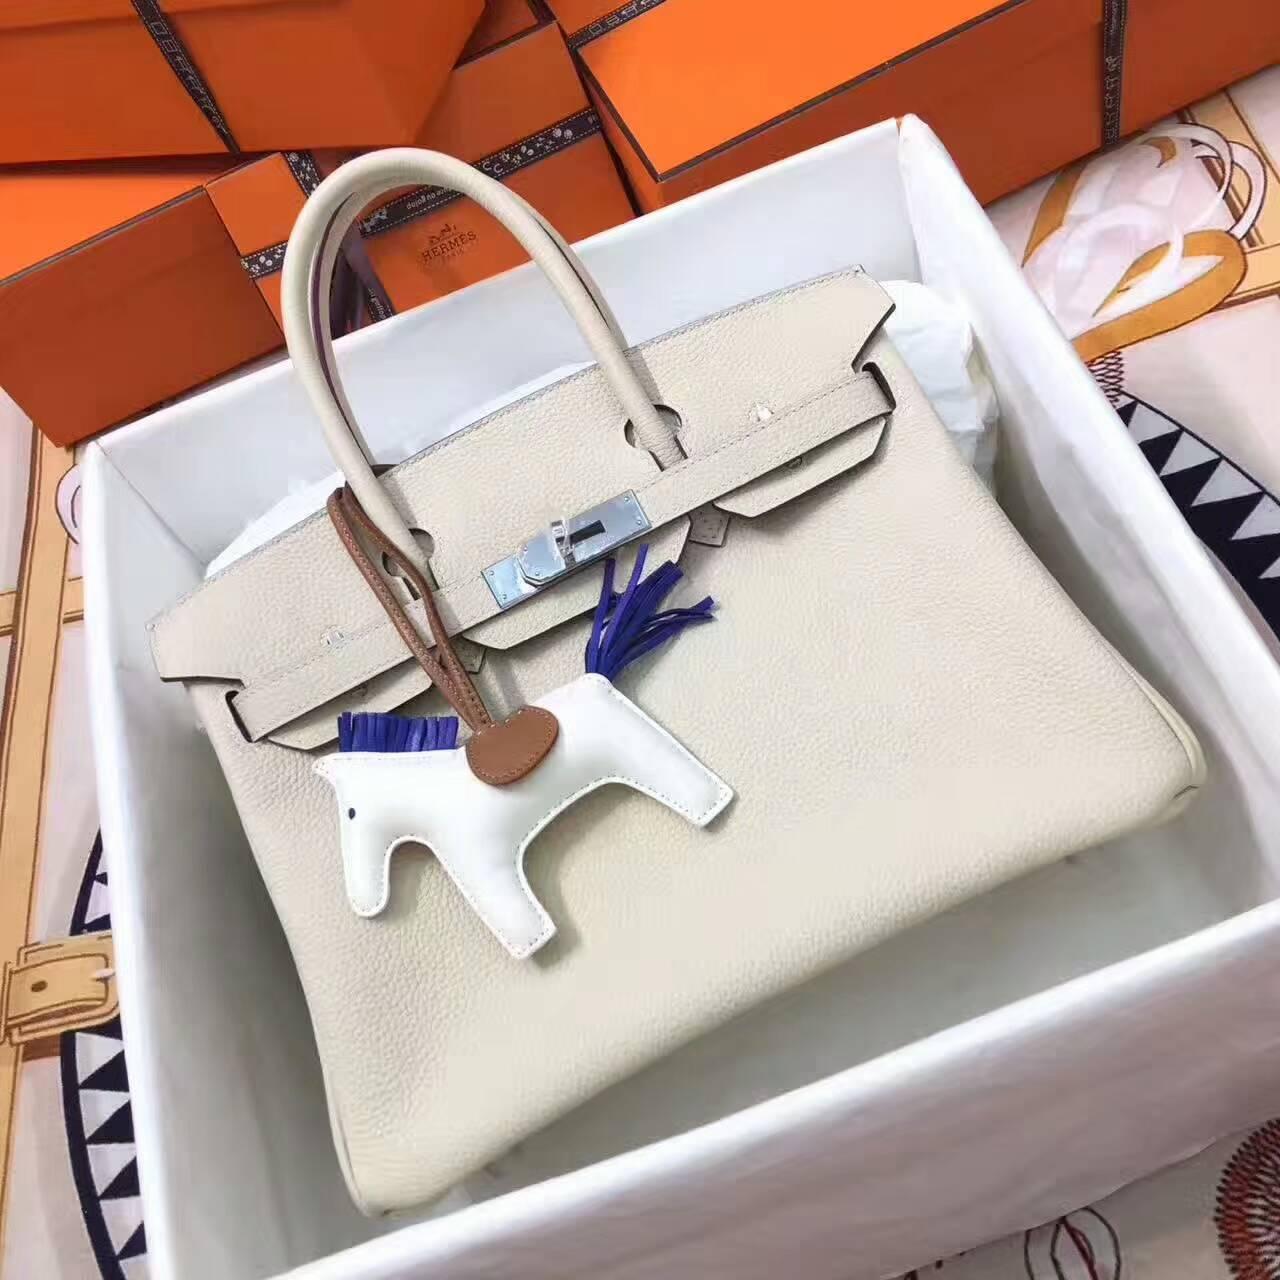 爱马仕铂金包 Birkin 30cm Togo 法国原产小牛皮 10 Craie 奶昔白 银扣